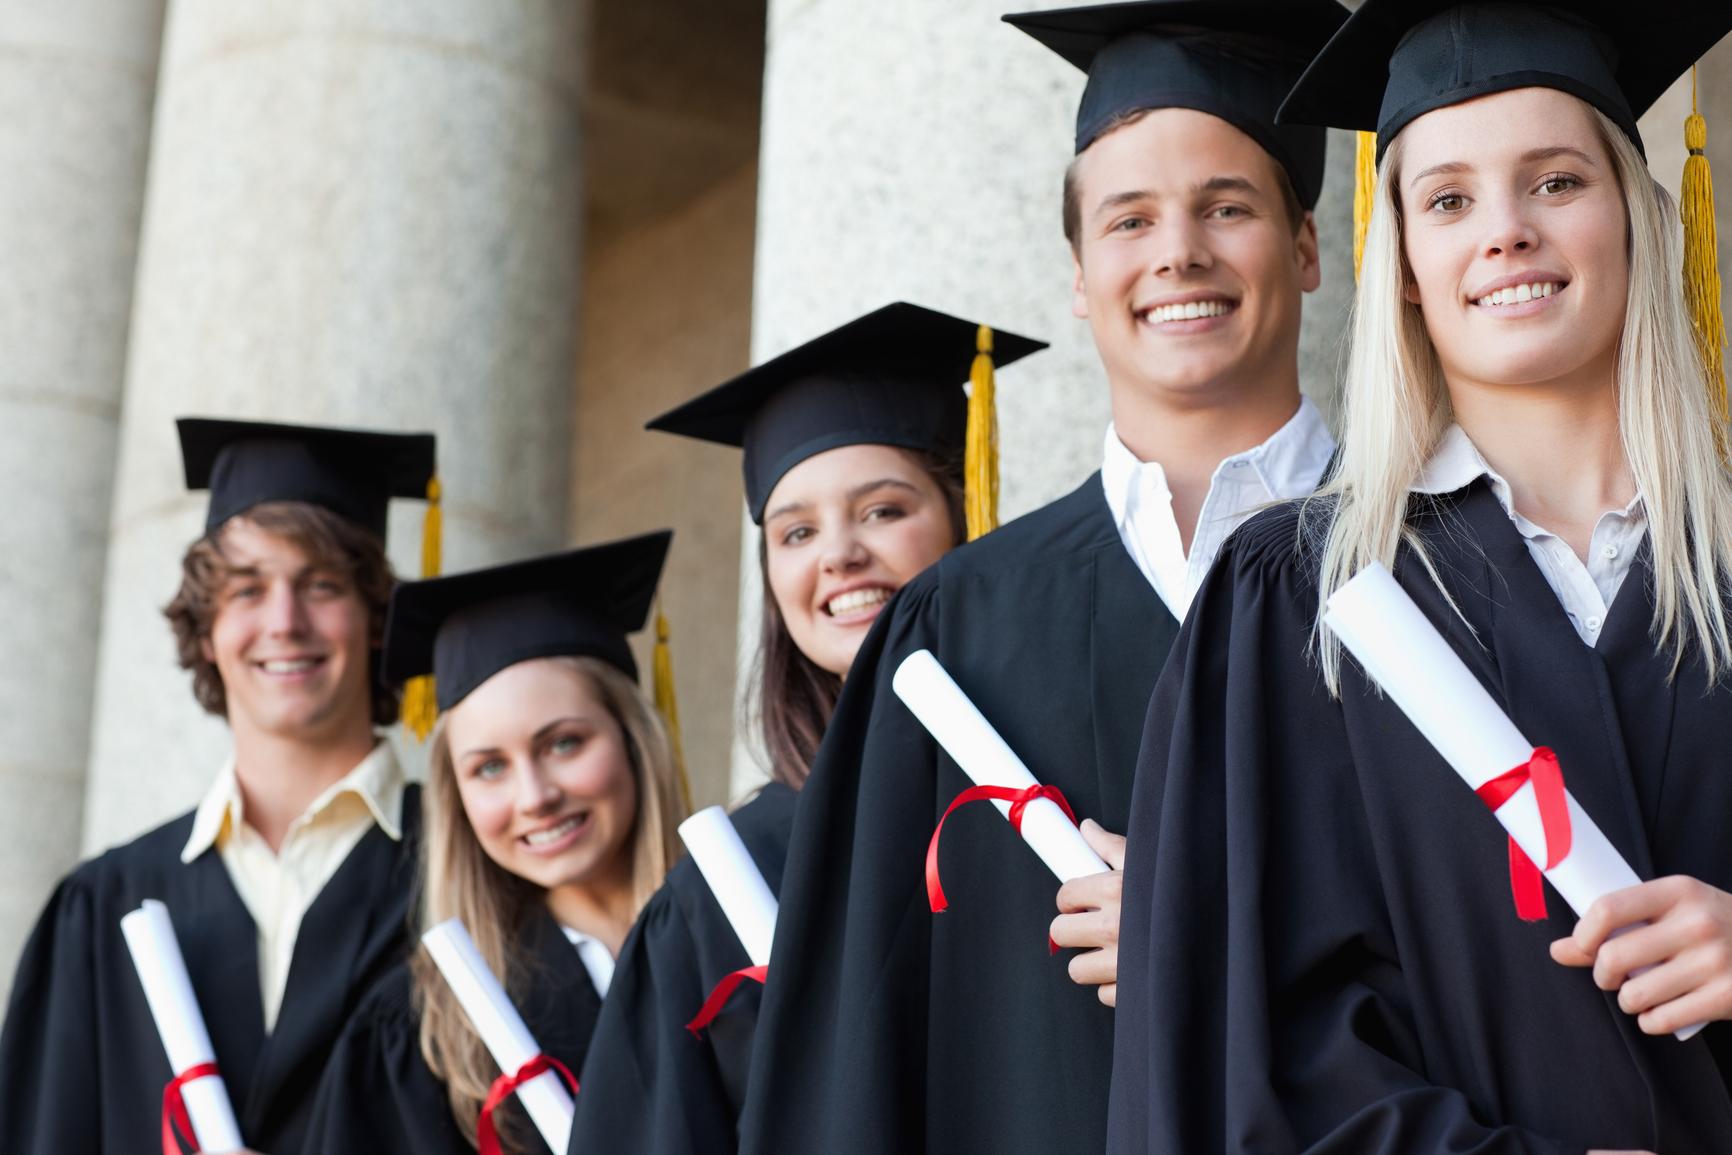 картинки высшее образование а работы нет покройте ногти